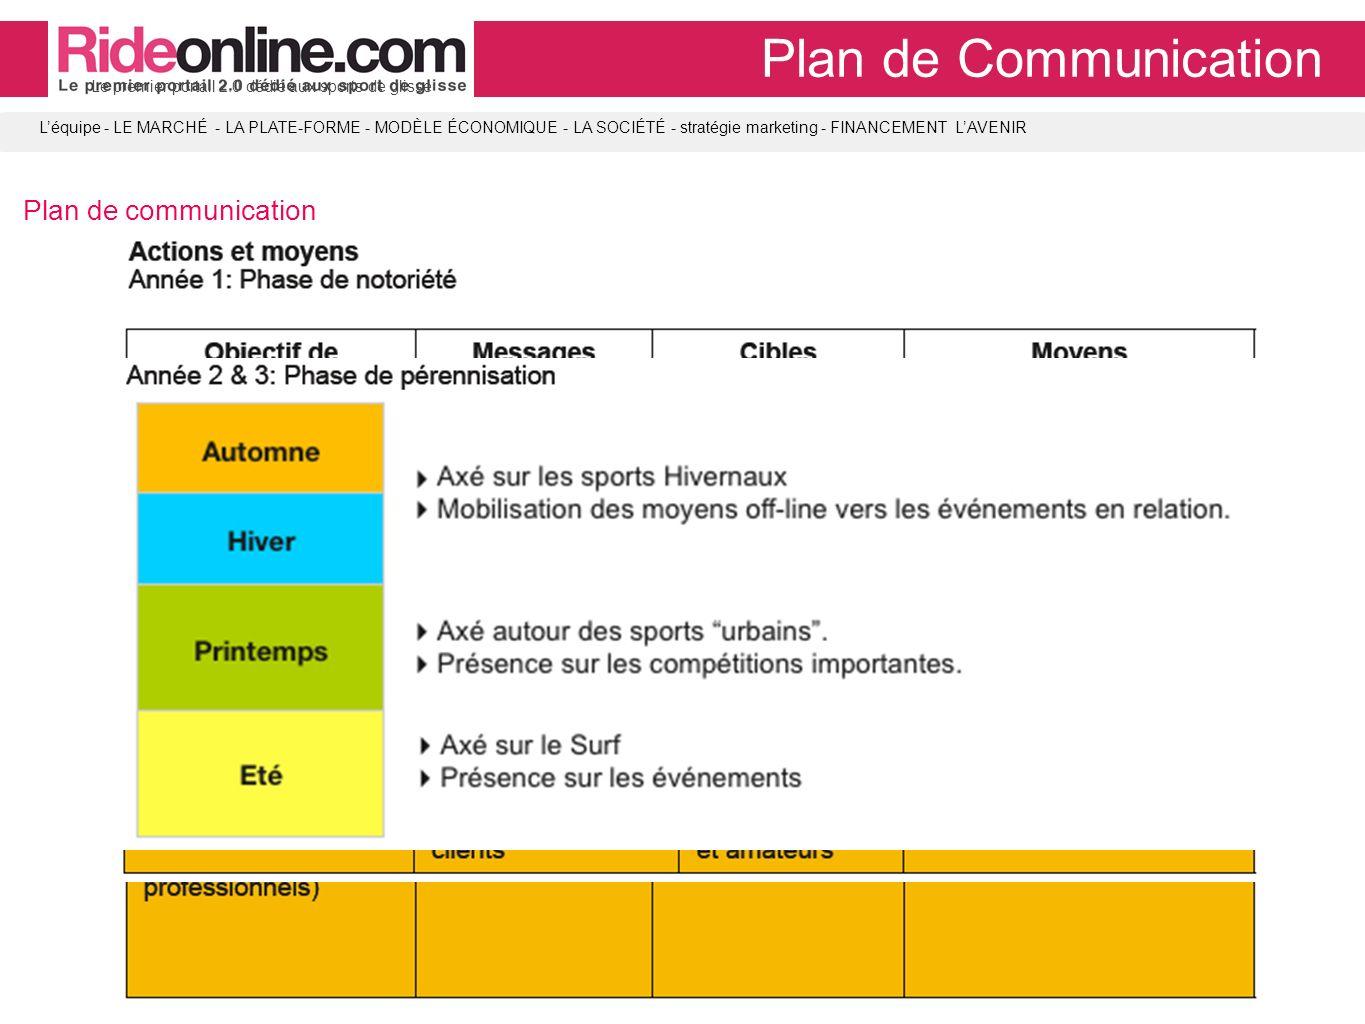 LA SOCIÉTÉ Plan de Communication Plan de communication Le premier portail 2.0 dédié aux sports de glisse Léquipe - LE MARCHÉ - LA PLATE-FORME - MODÈLE ÉCONOMIQUE - LA SOCIÉTÉ - stratégie marketing - FINANCEMENT LAVENIR